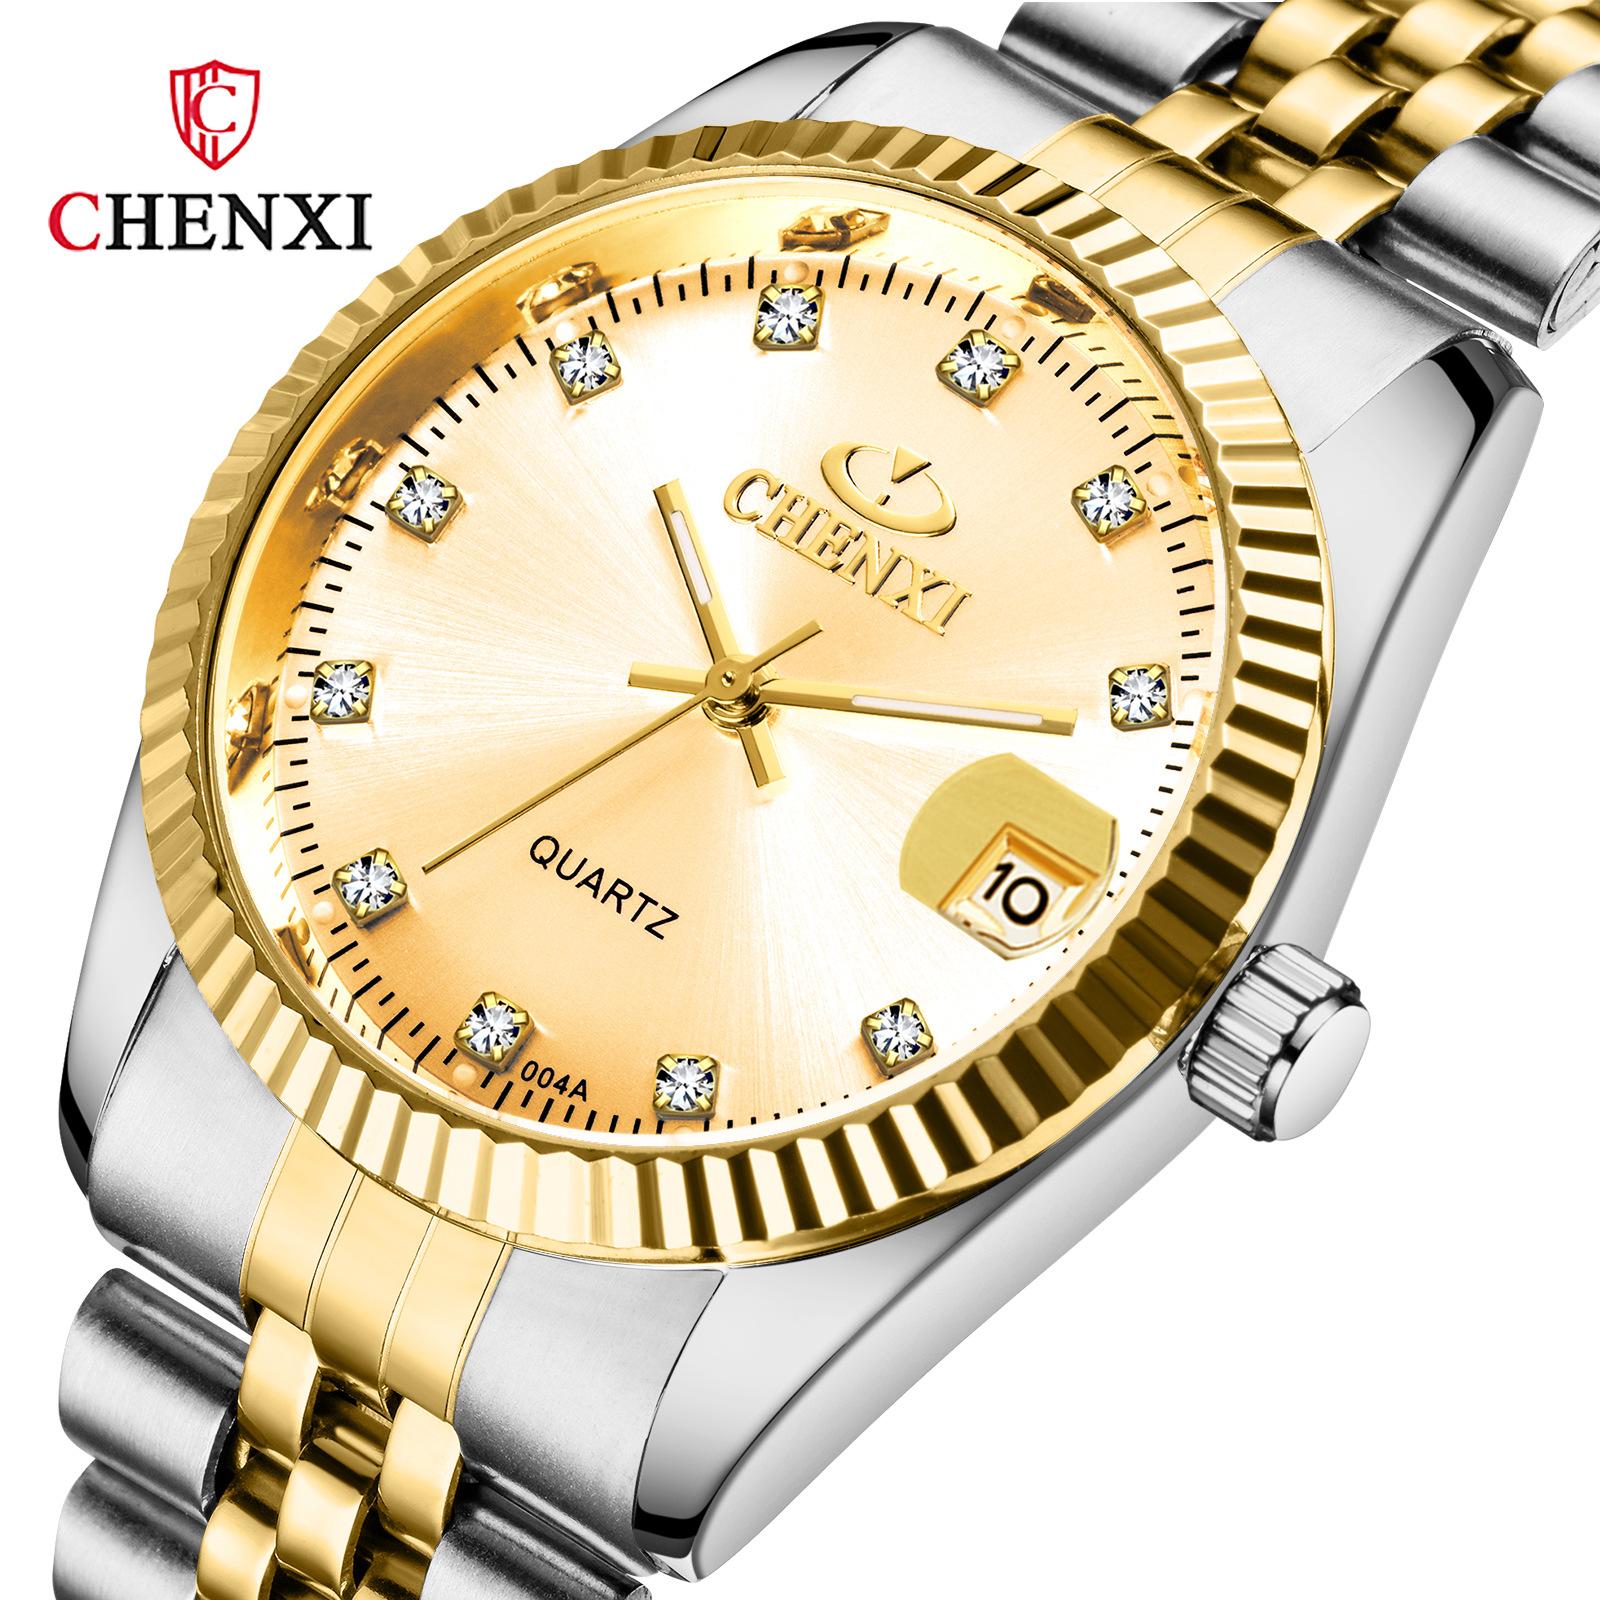 新款 CHENXI品牌商务情侣对表男士流行watch for women跨境手表